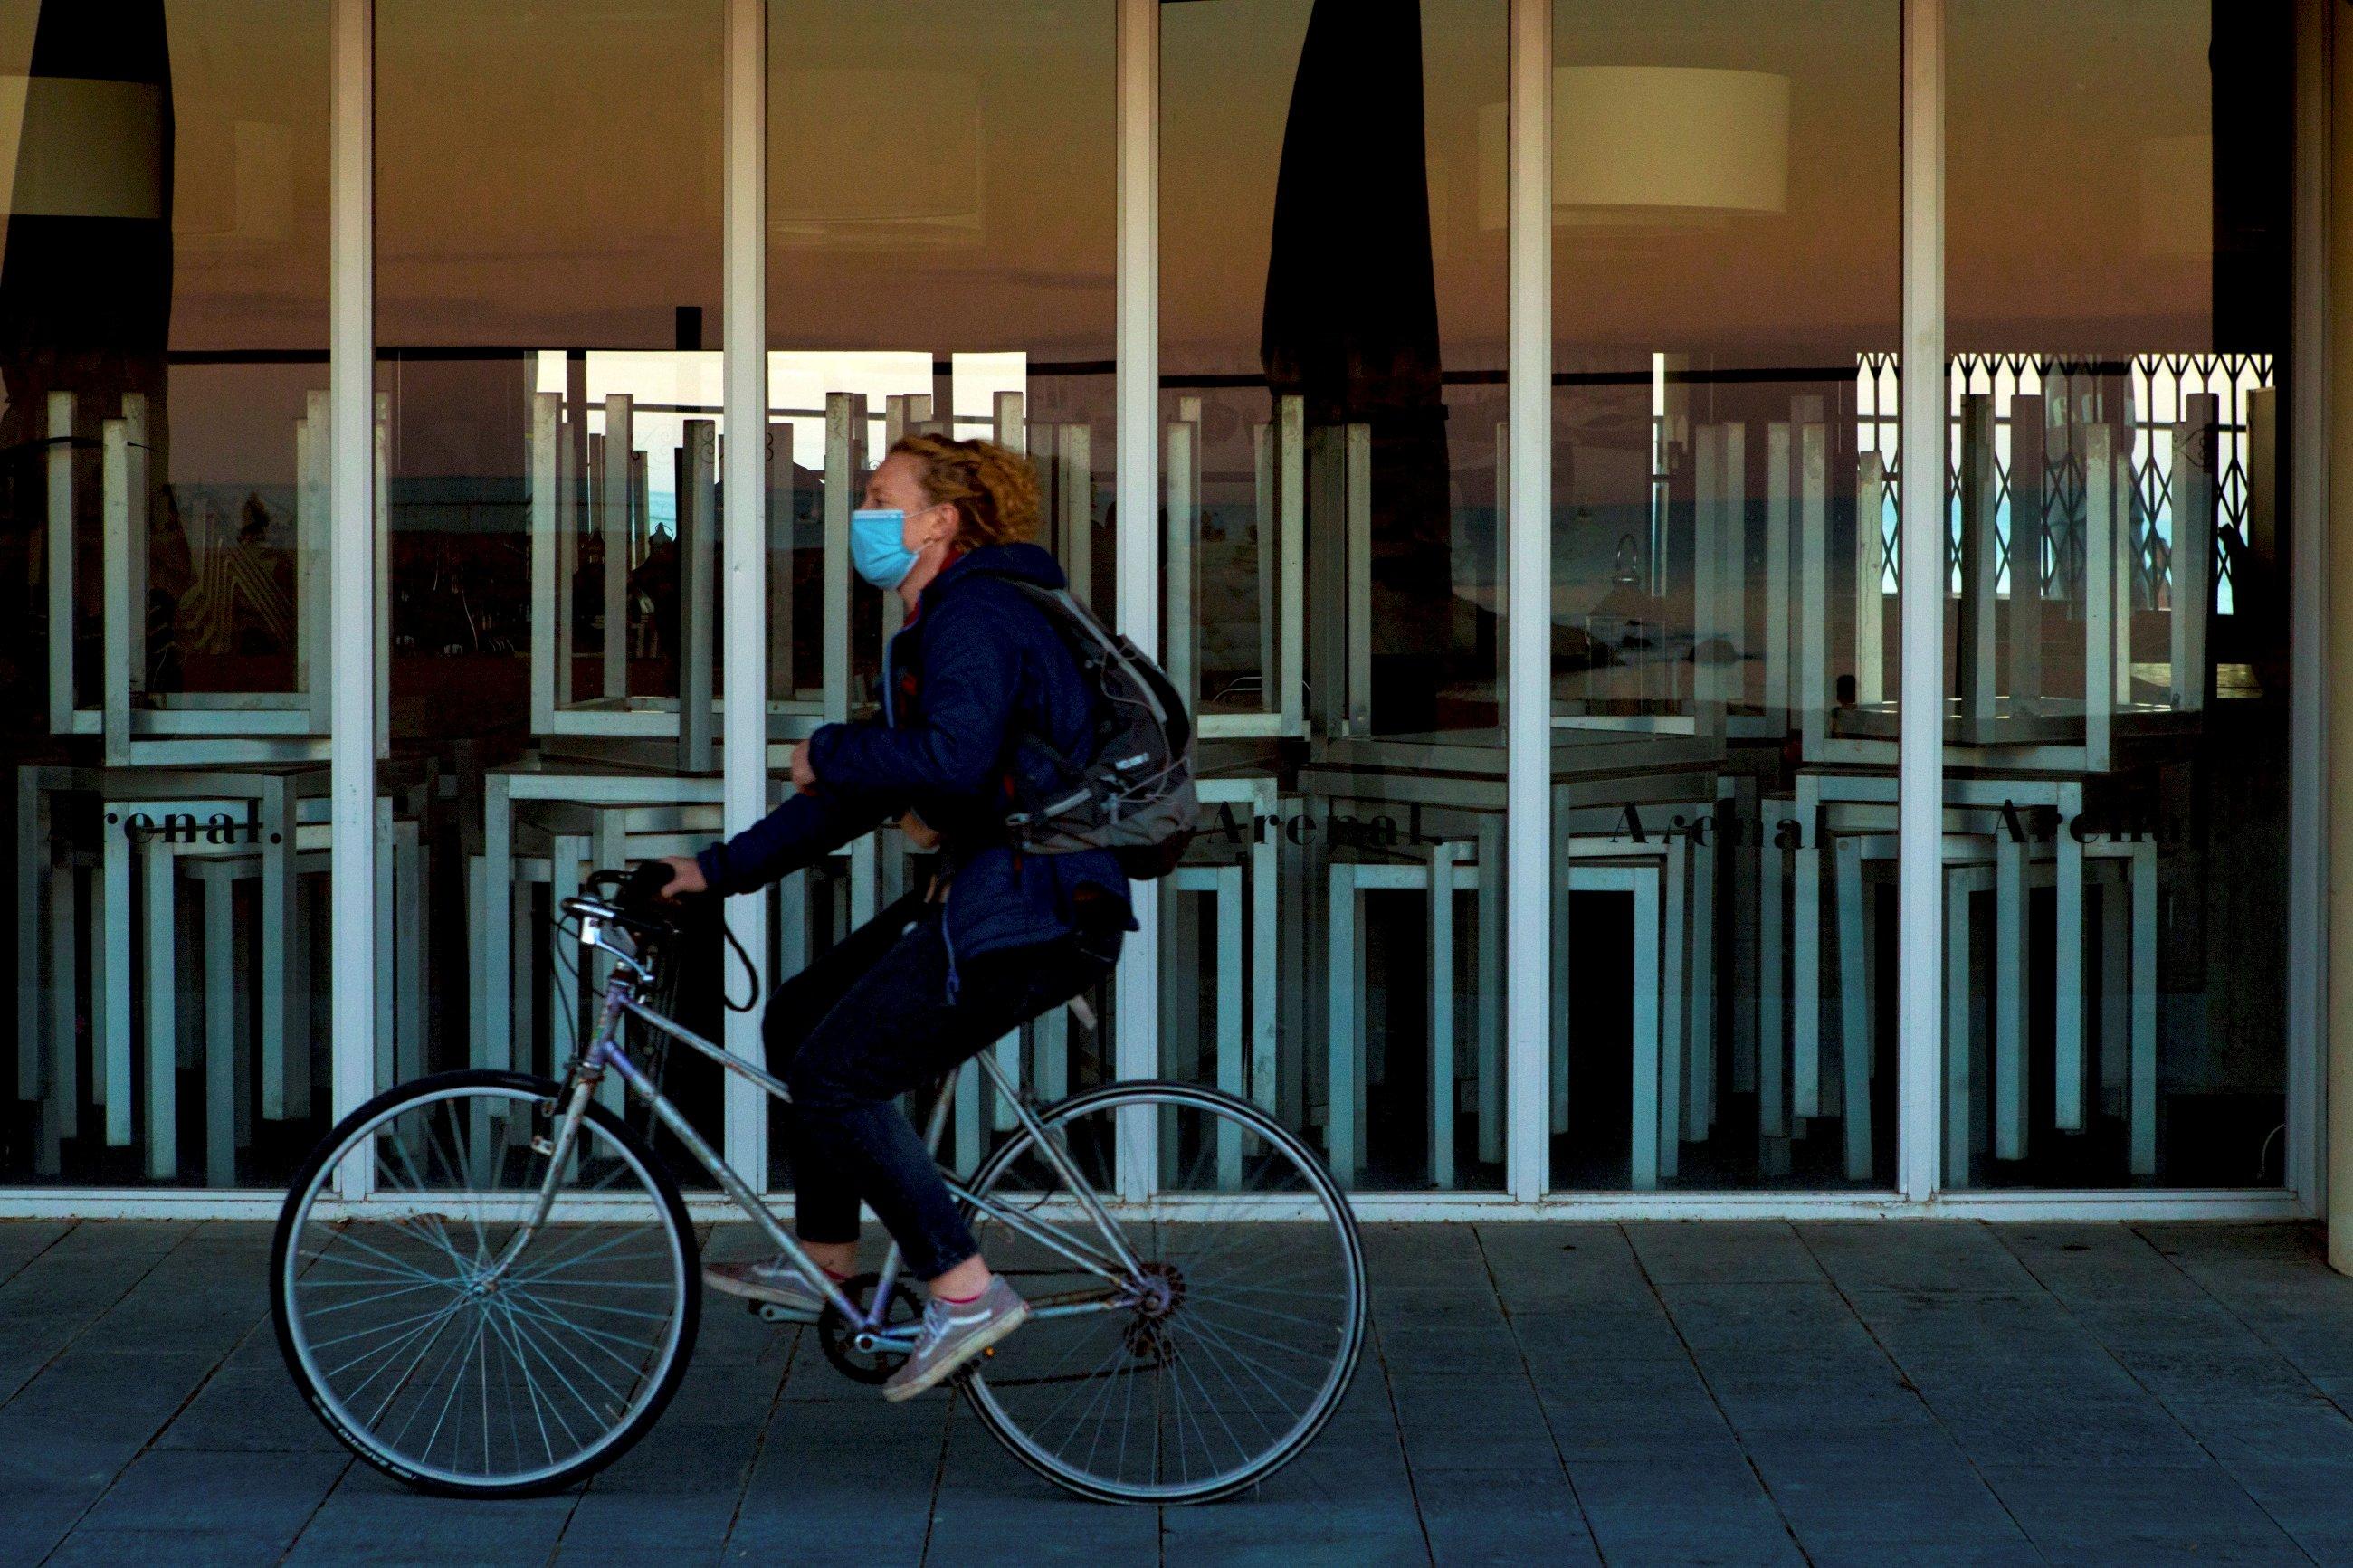 Una mujer pasea en bicicleta con la mascarilla puesta en Barcelona, durante la pandemia de coronavirus de 2020 | EFE/EF/Archivo